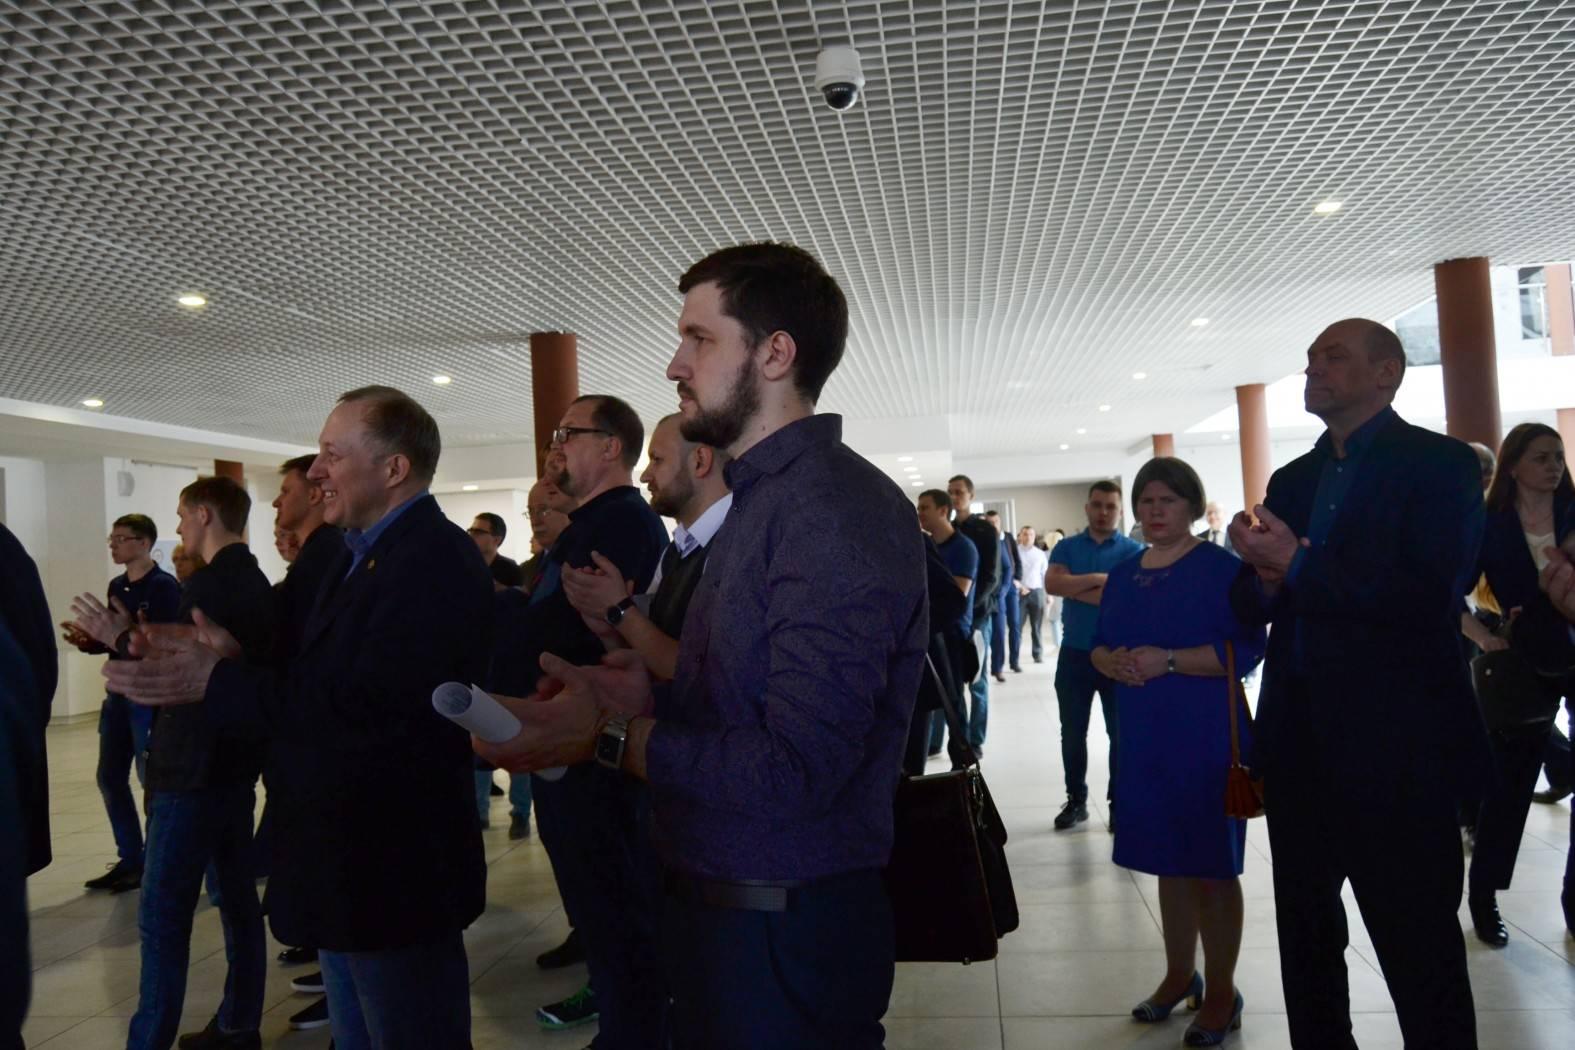 XIV научно-промышленный Форум  открылся в Екатеринбурге